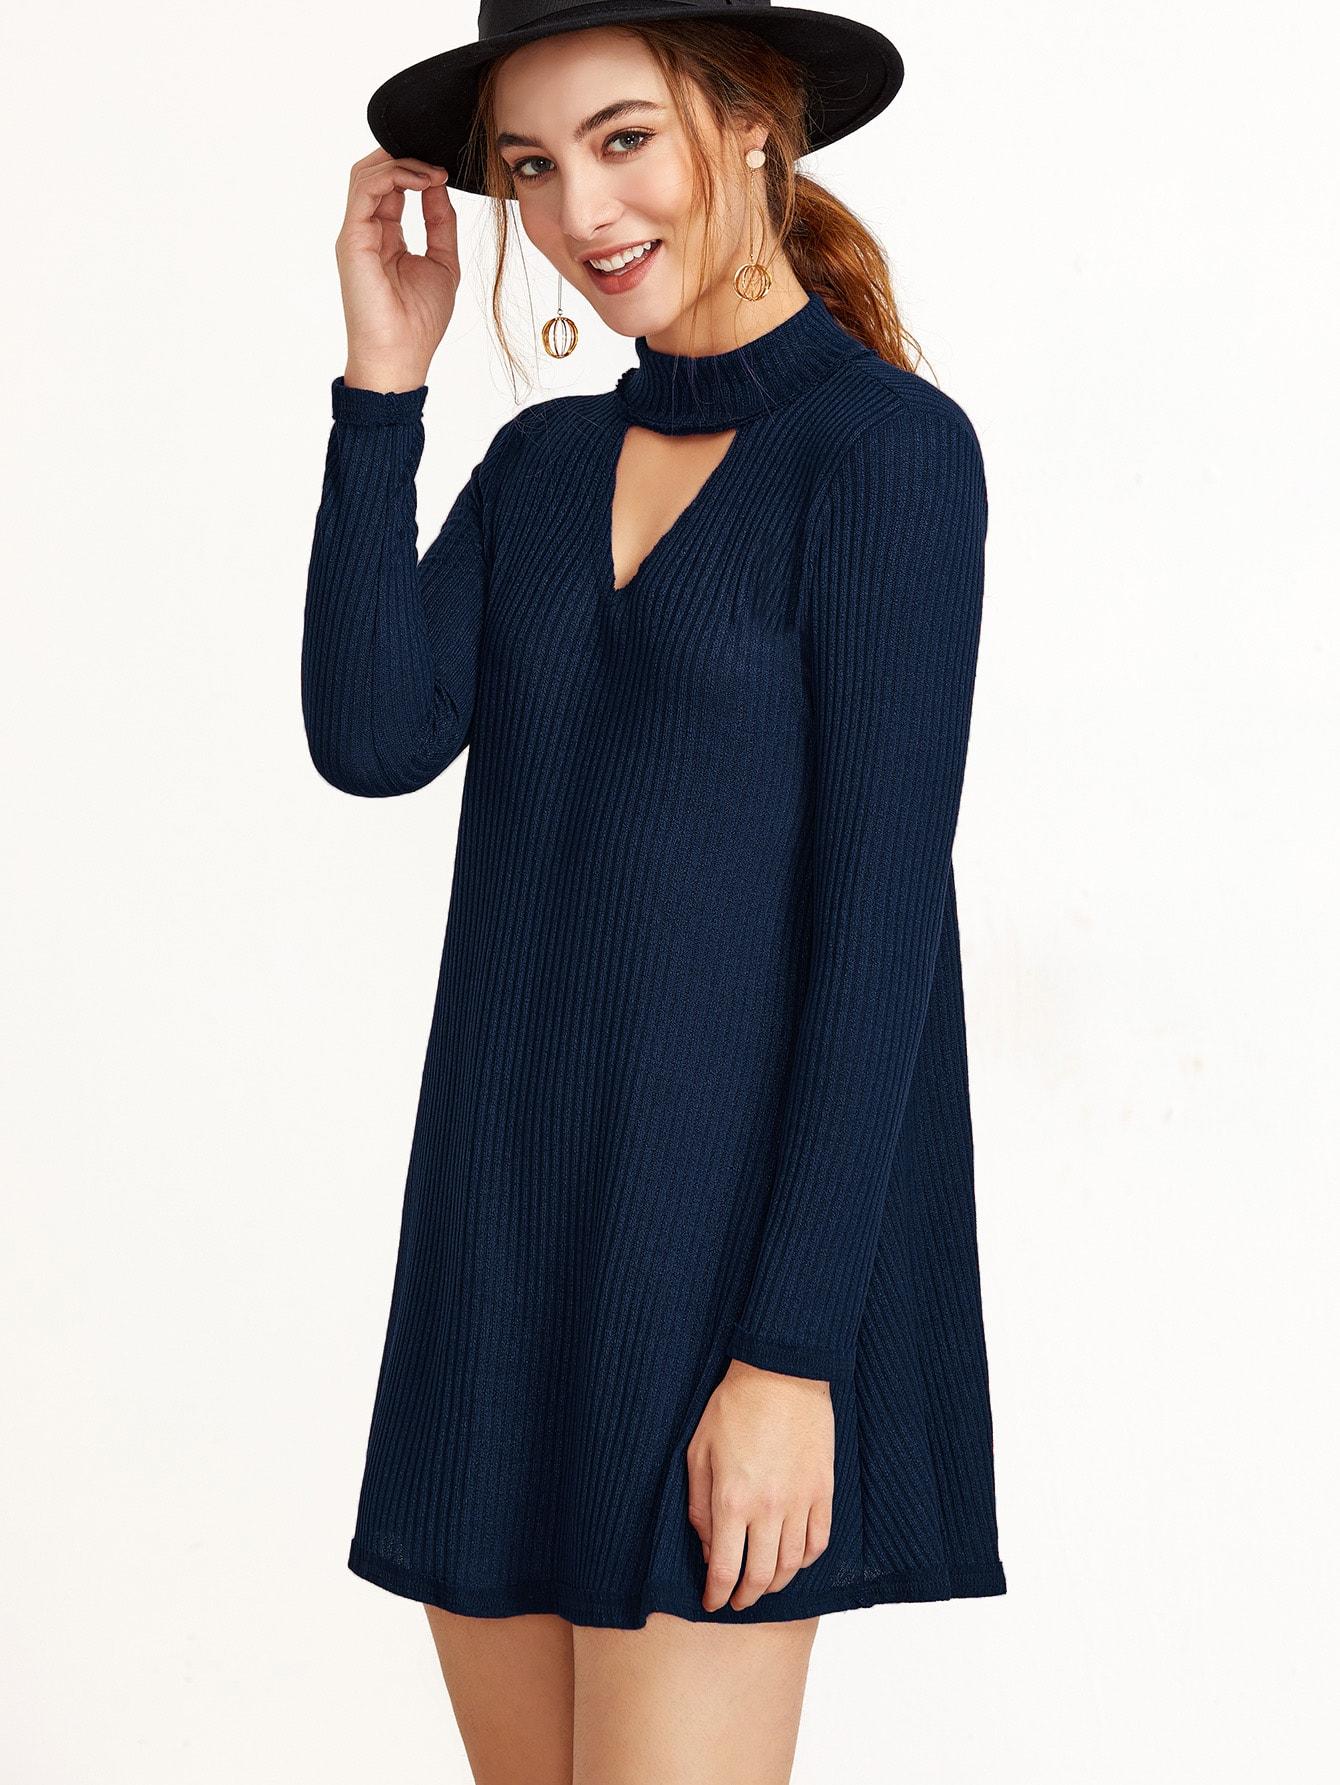 dress161118303_2